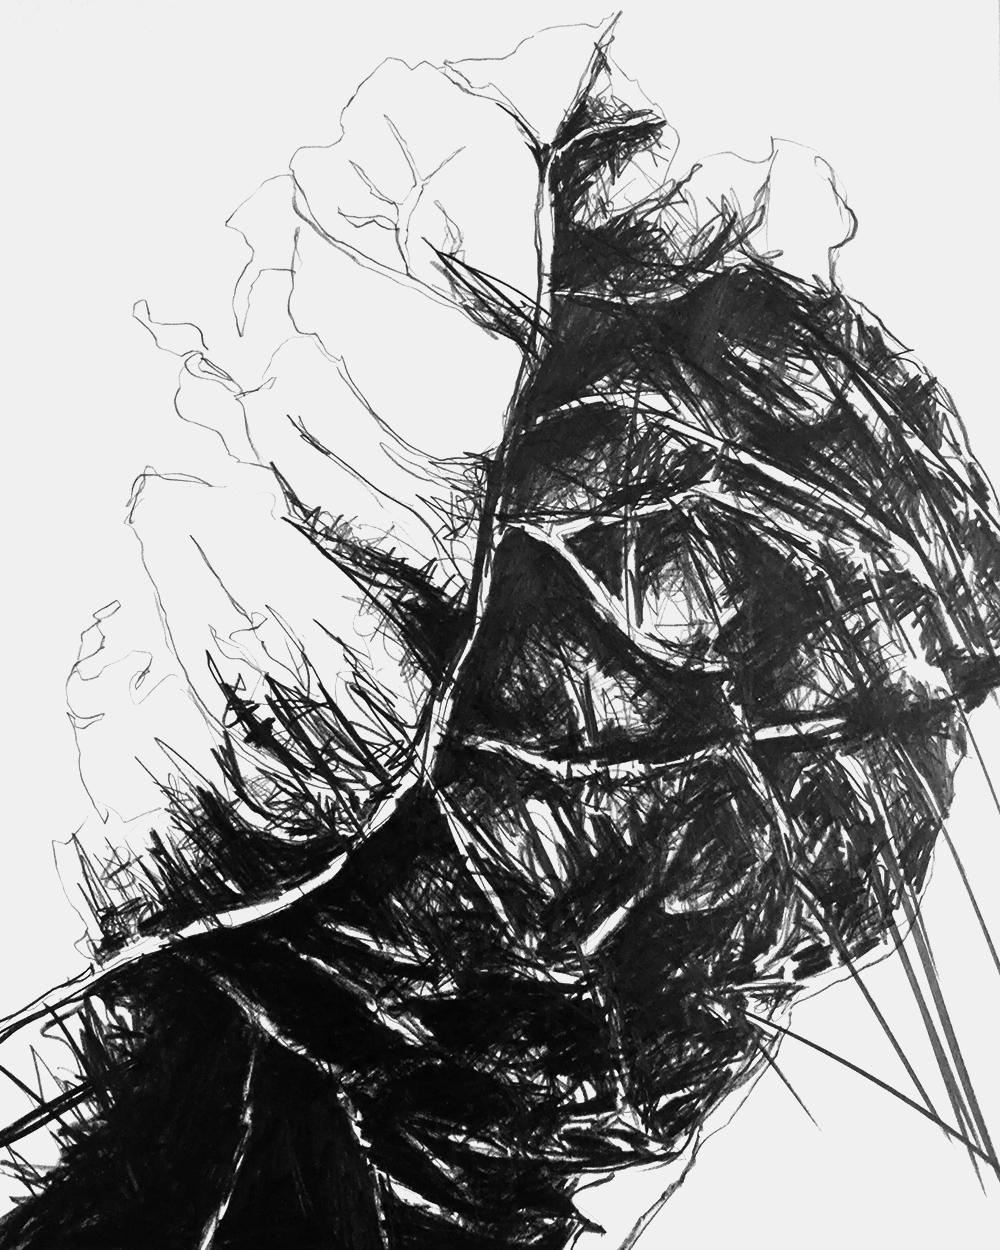 Serie GRAFIK AUS DORTMUND 1, monochrome Grafit Zeichnung Thomas Autering